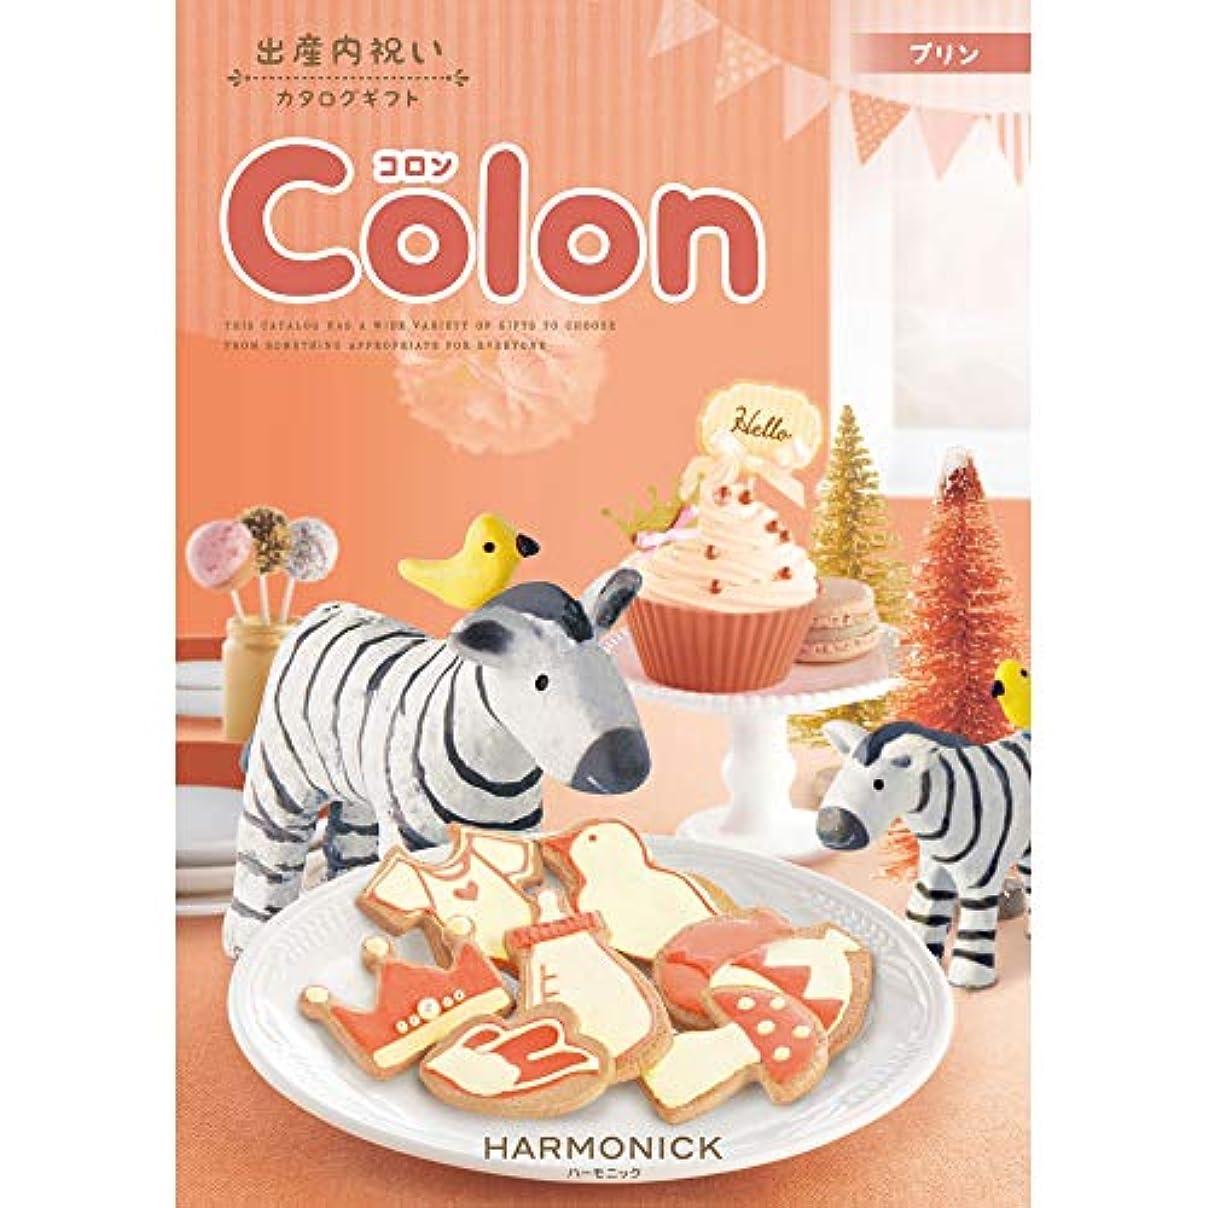 忠誠休日ヨーグルトハーモニック カタログギフト Colon (コロン) プリン 出産内祝い 包装紙:レガロ